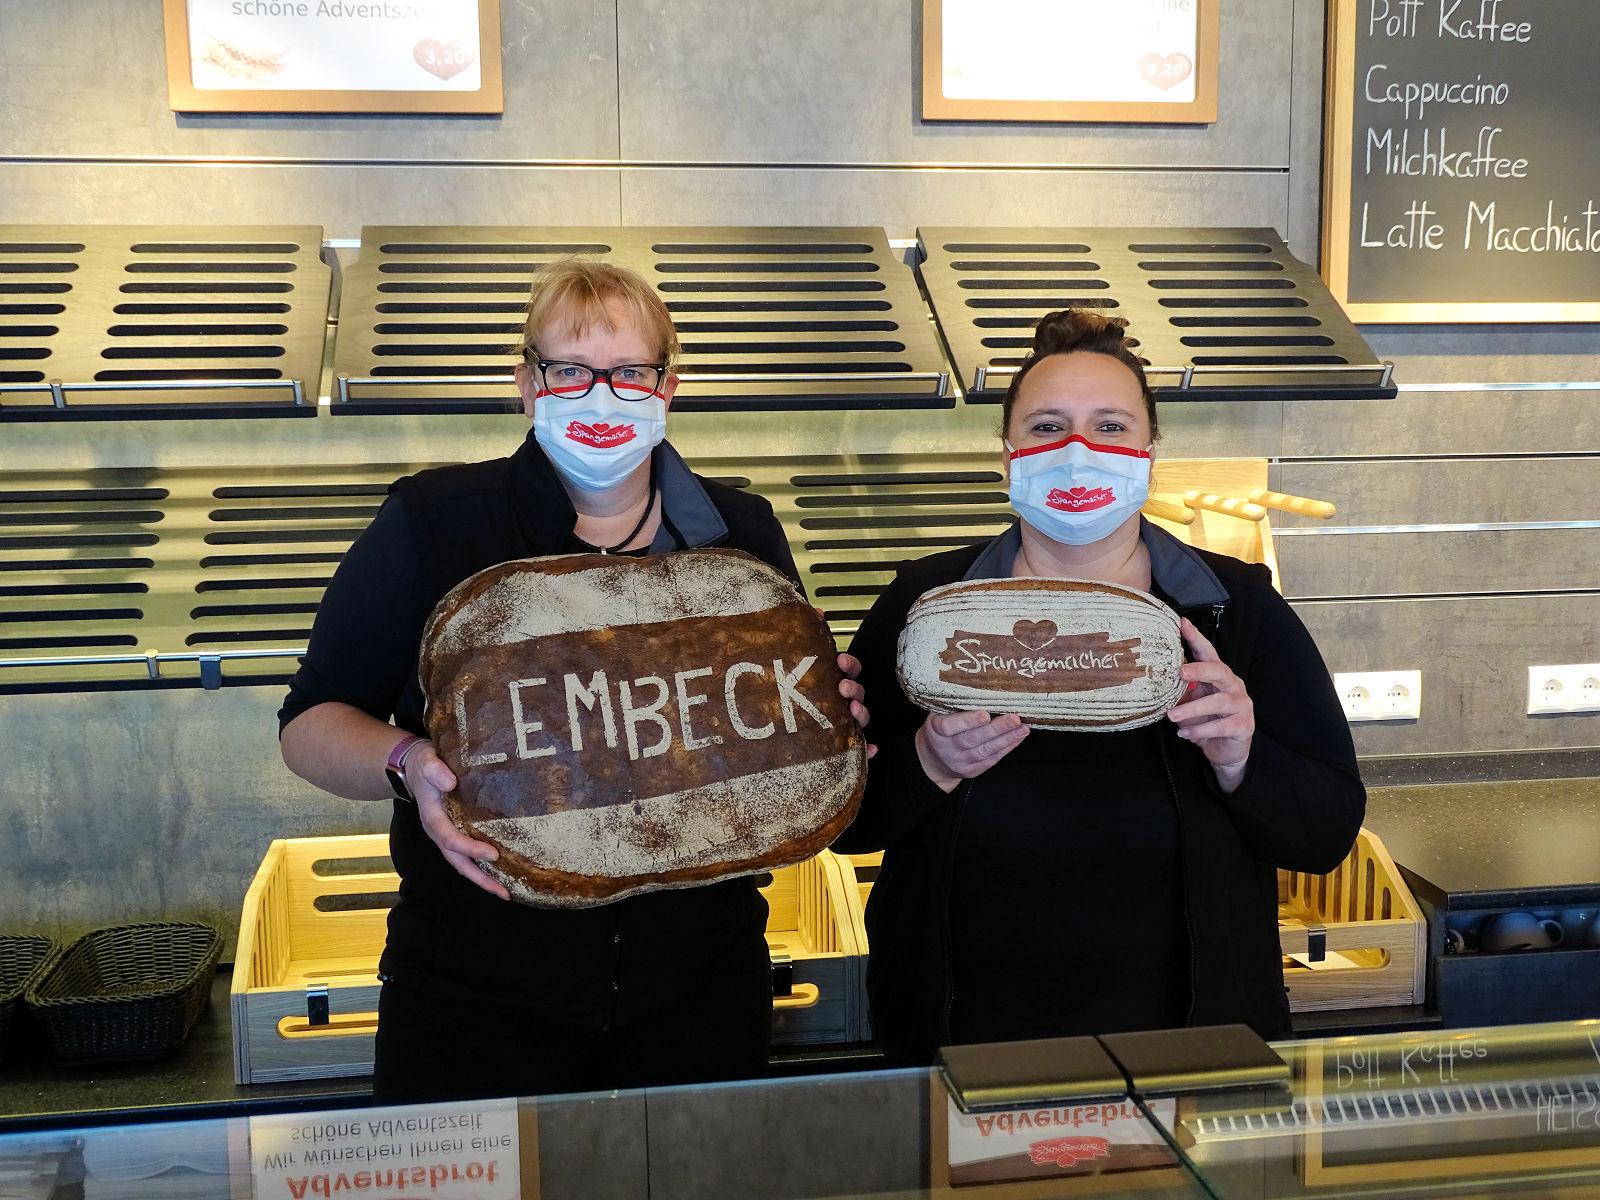 Bäckerei Spangemacher, Lembeck